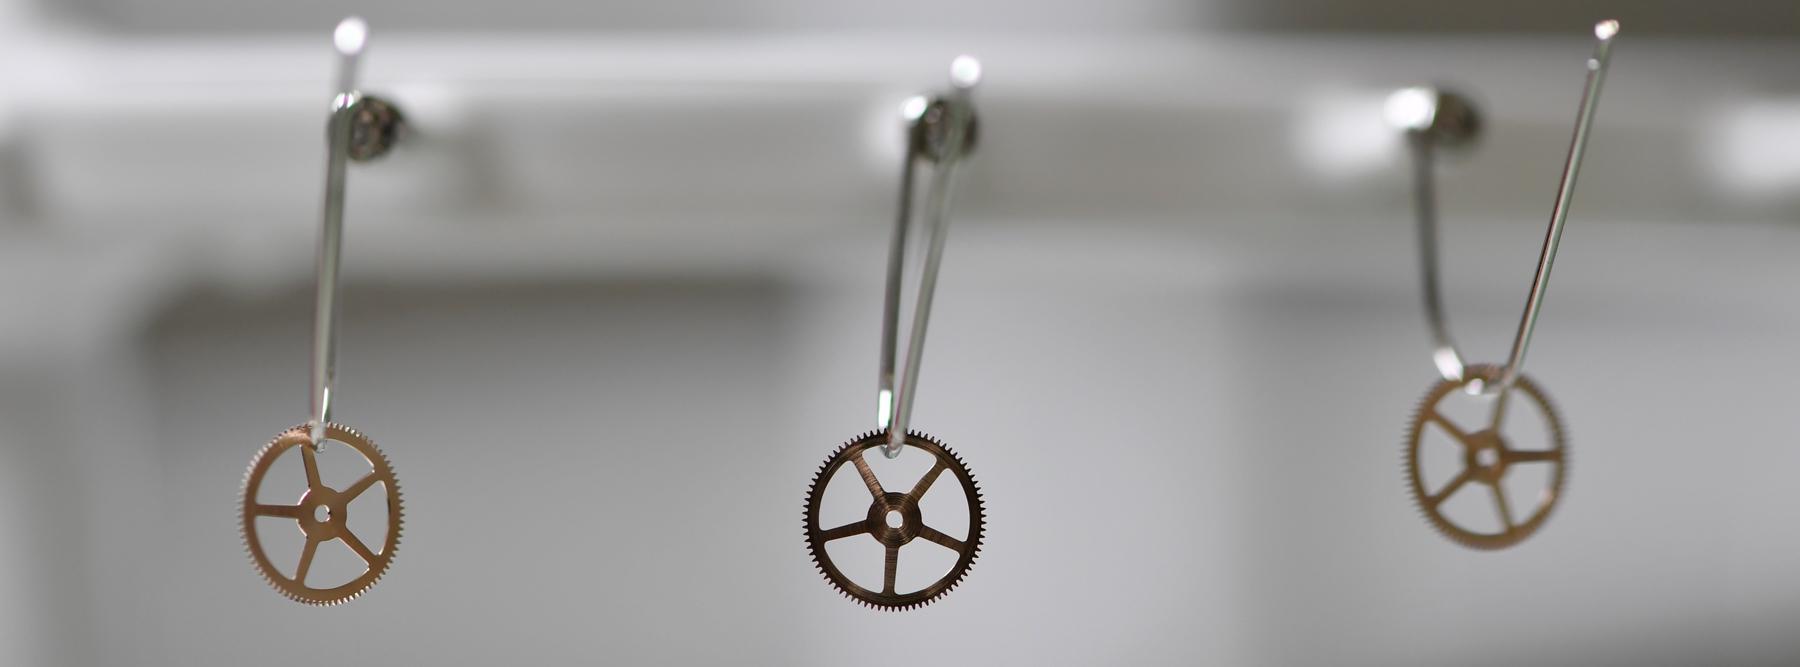 Roud'hor Sa, horlogerie, cerclage, roues cerclées, marques horlogères de prestige, Vallée de Joux, Suisse